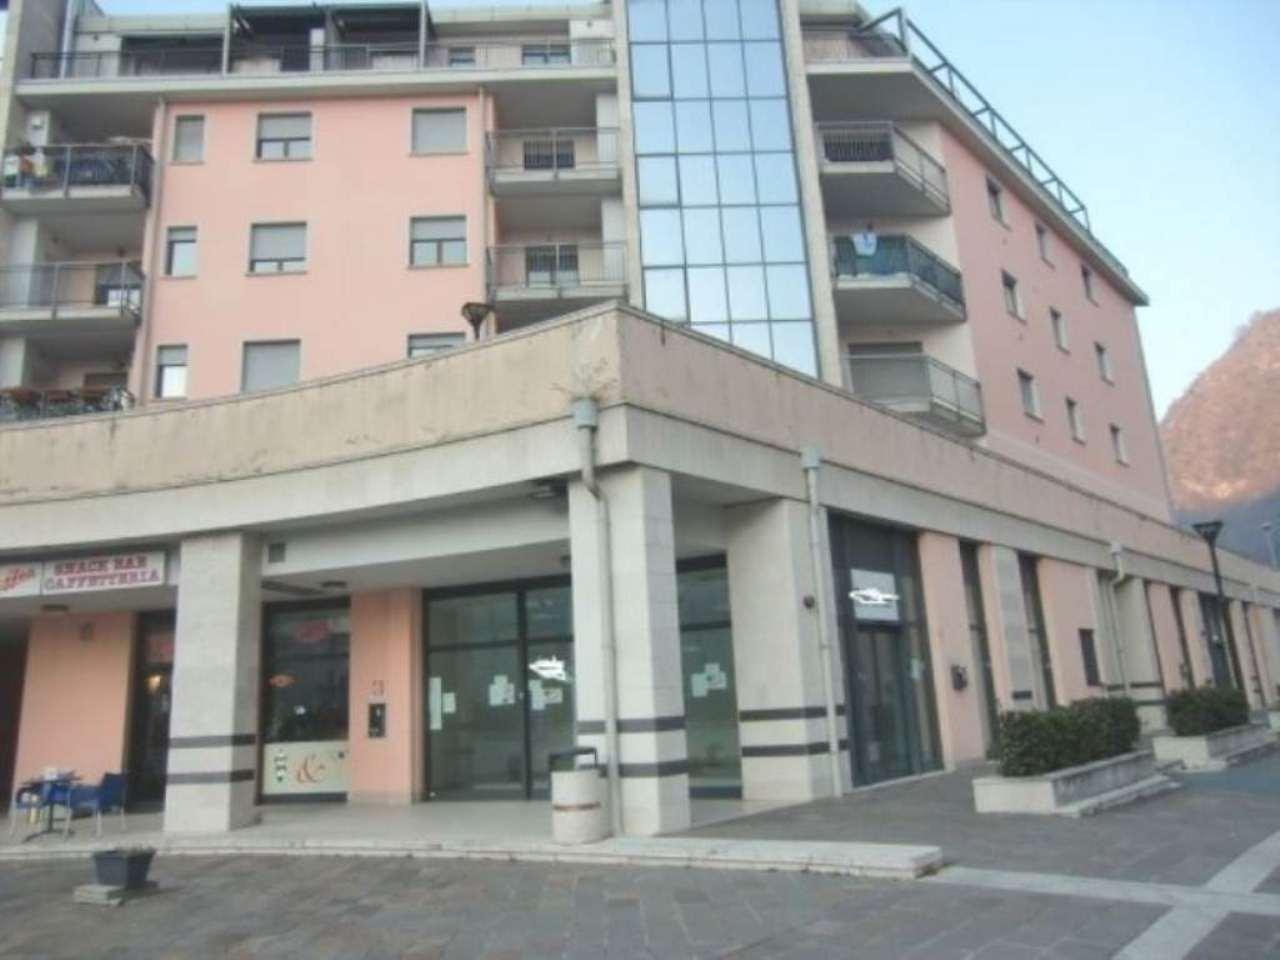 Negozio / Locale in affitto a Gardone Val Trompia, 1 locali, prezzo € 490 | Cambio Casa.it